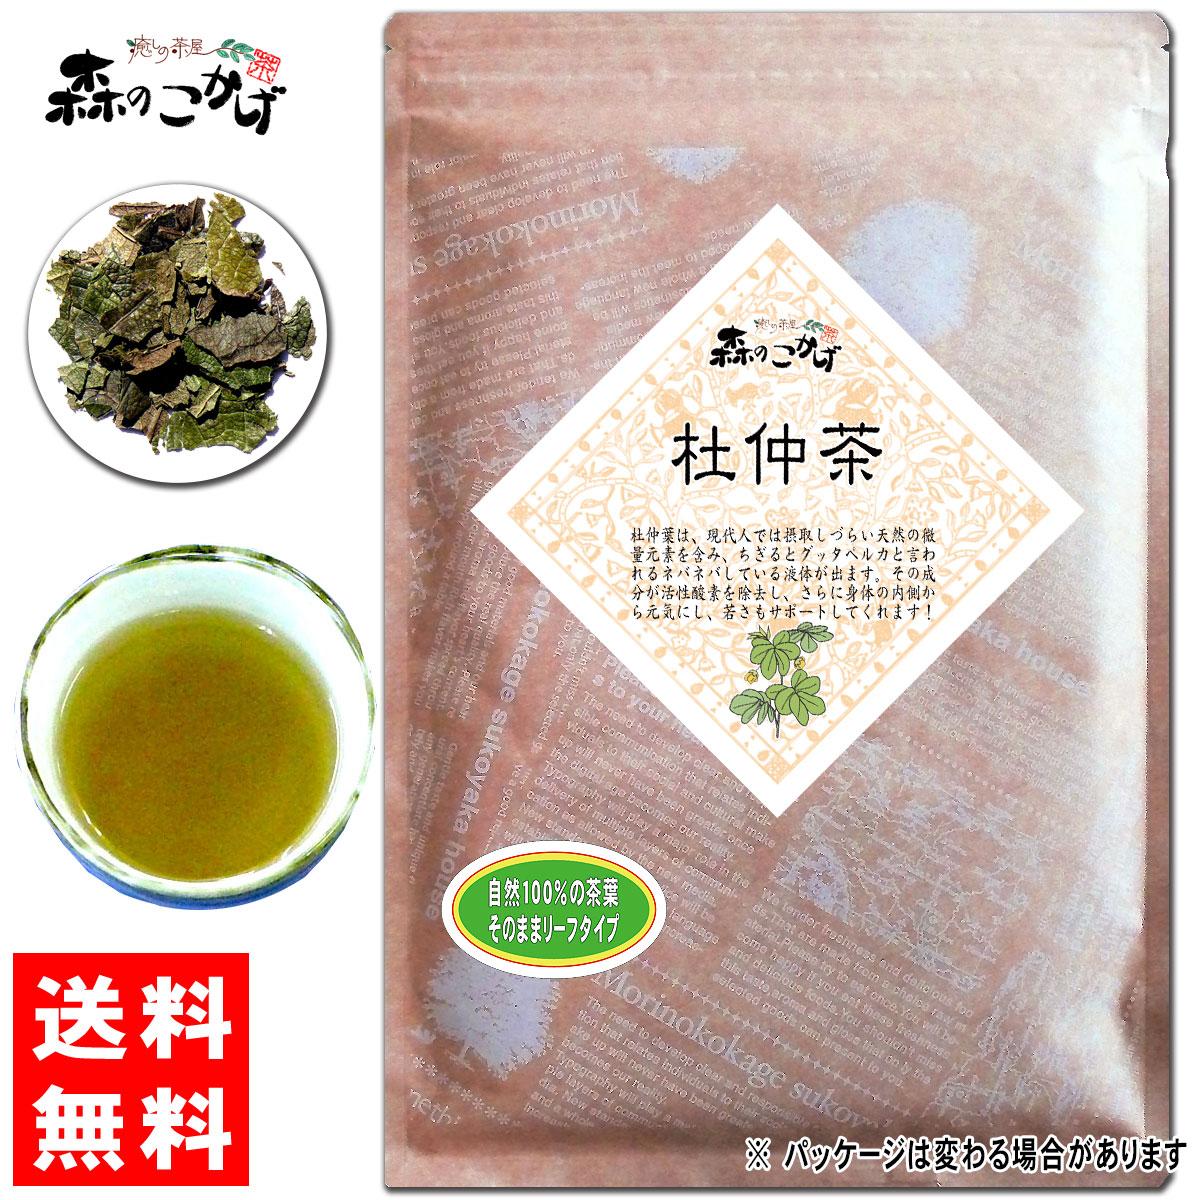 ついに再販開始 杜仲茶 200g 5 送料無料 別倉庫からの配送 茶葉 ≪とちゅう茶 100%≫ 森のこかげ ノンカフェイン 健やかハウス とちゅうちゃ トチュウ茶 健康茶